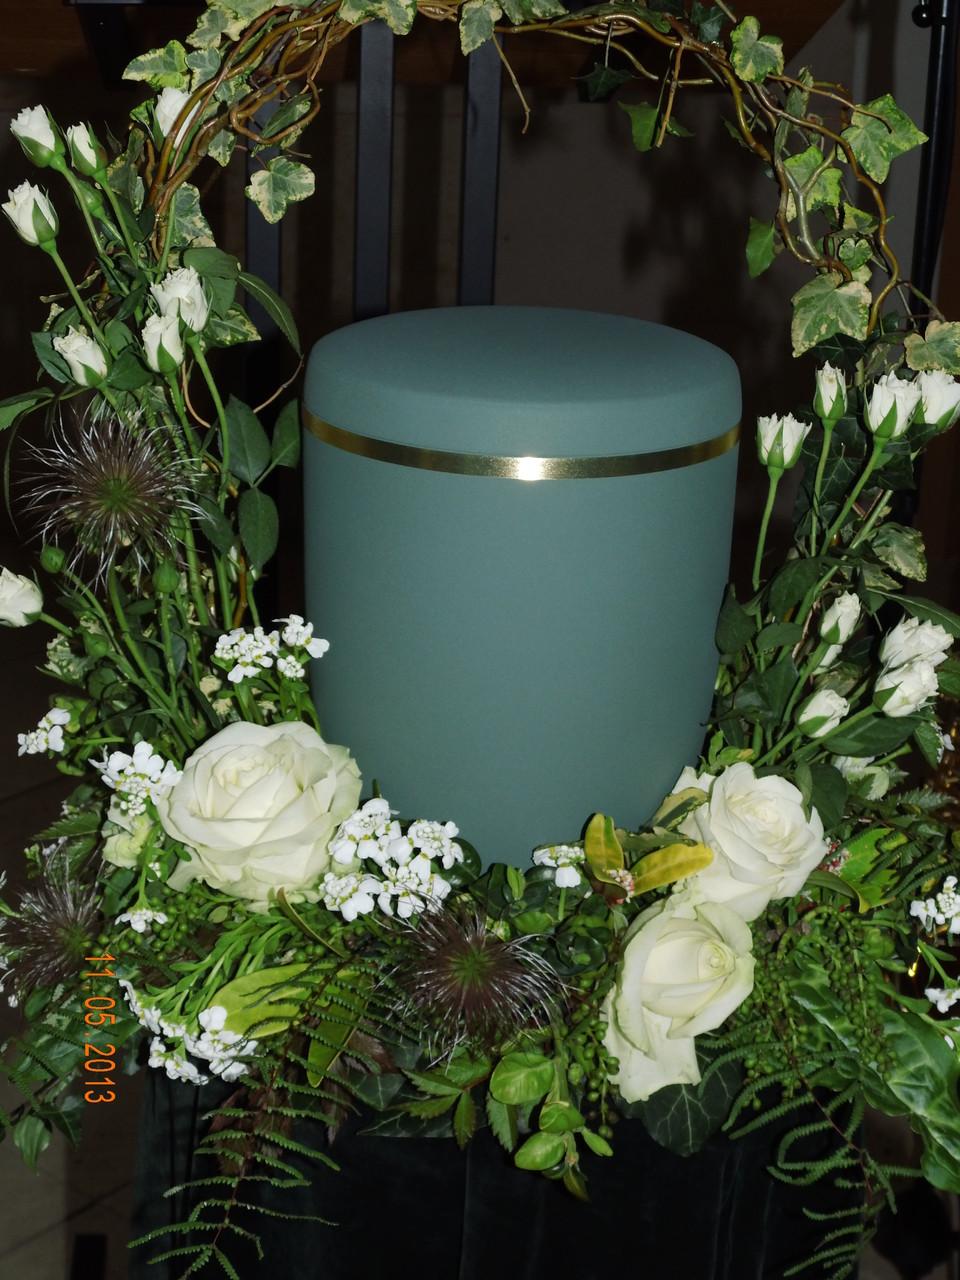 Urne mit Urnenschmuck